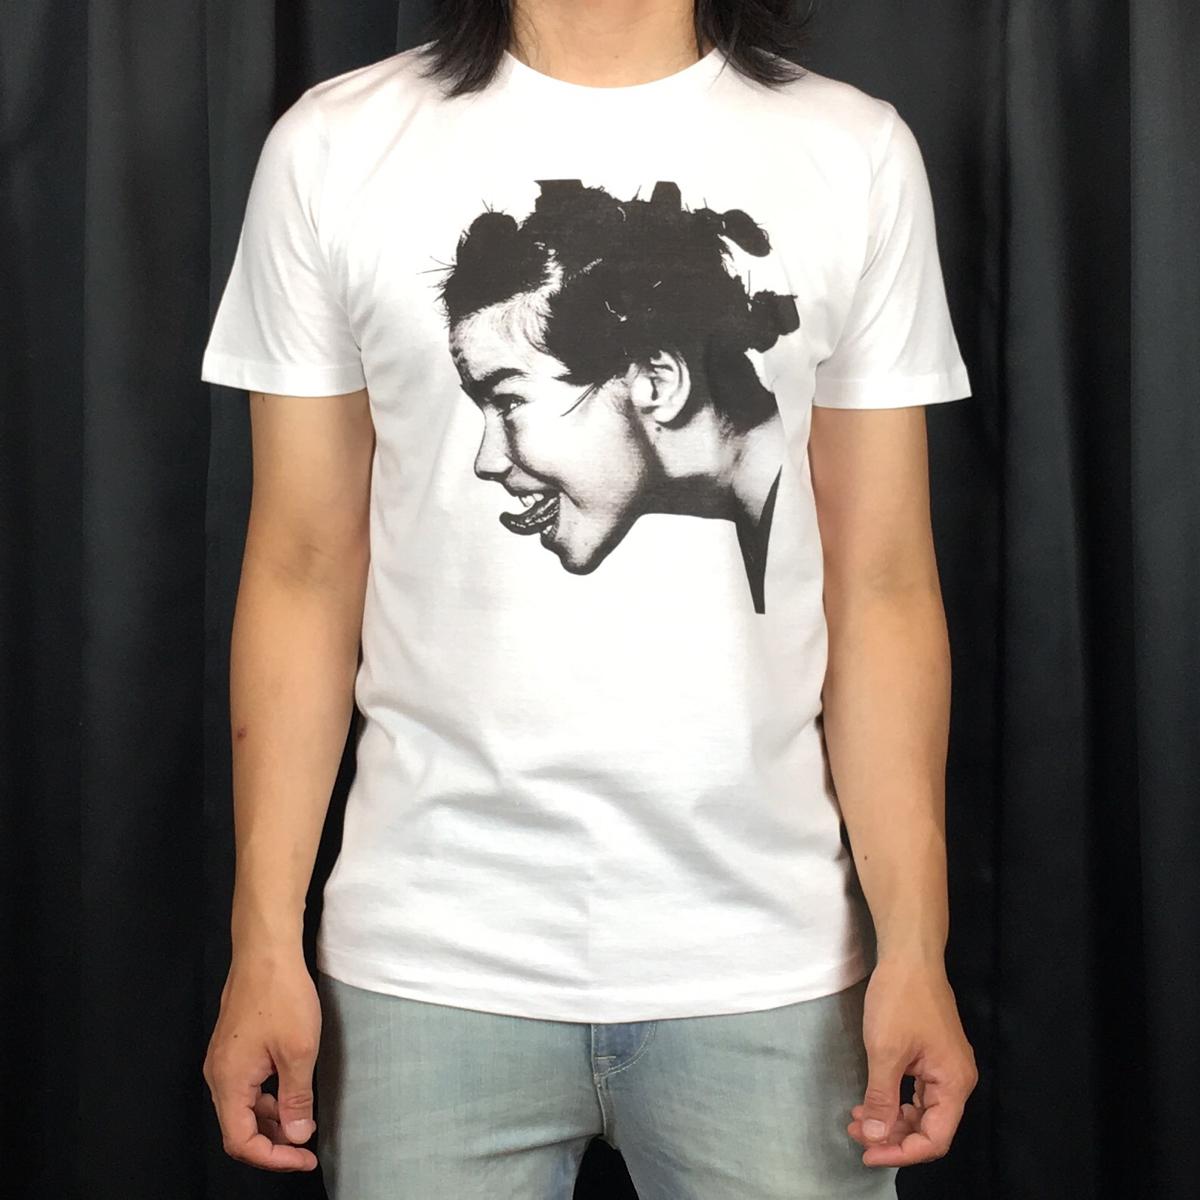 新品 Bjork ビョーク Tシャツ S M L XL フジロック ダンサーインザダーク JUDY AND MARY ユキ 大きい ビッグ サイズ XXL 3XL 4XL 5XL ロンT ライブグッズの画像